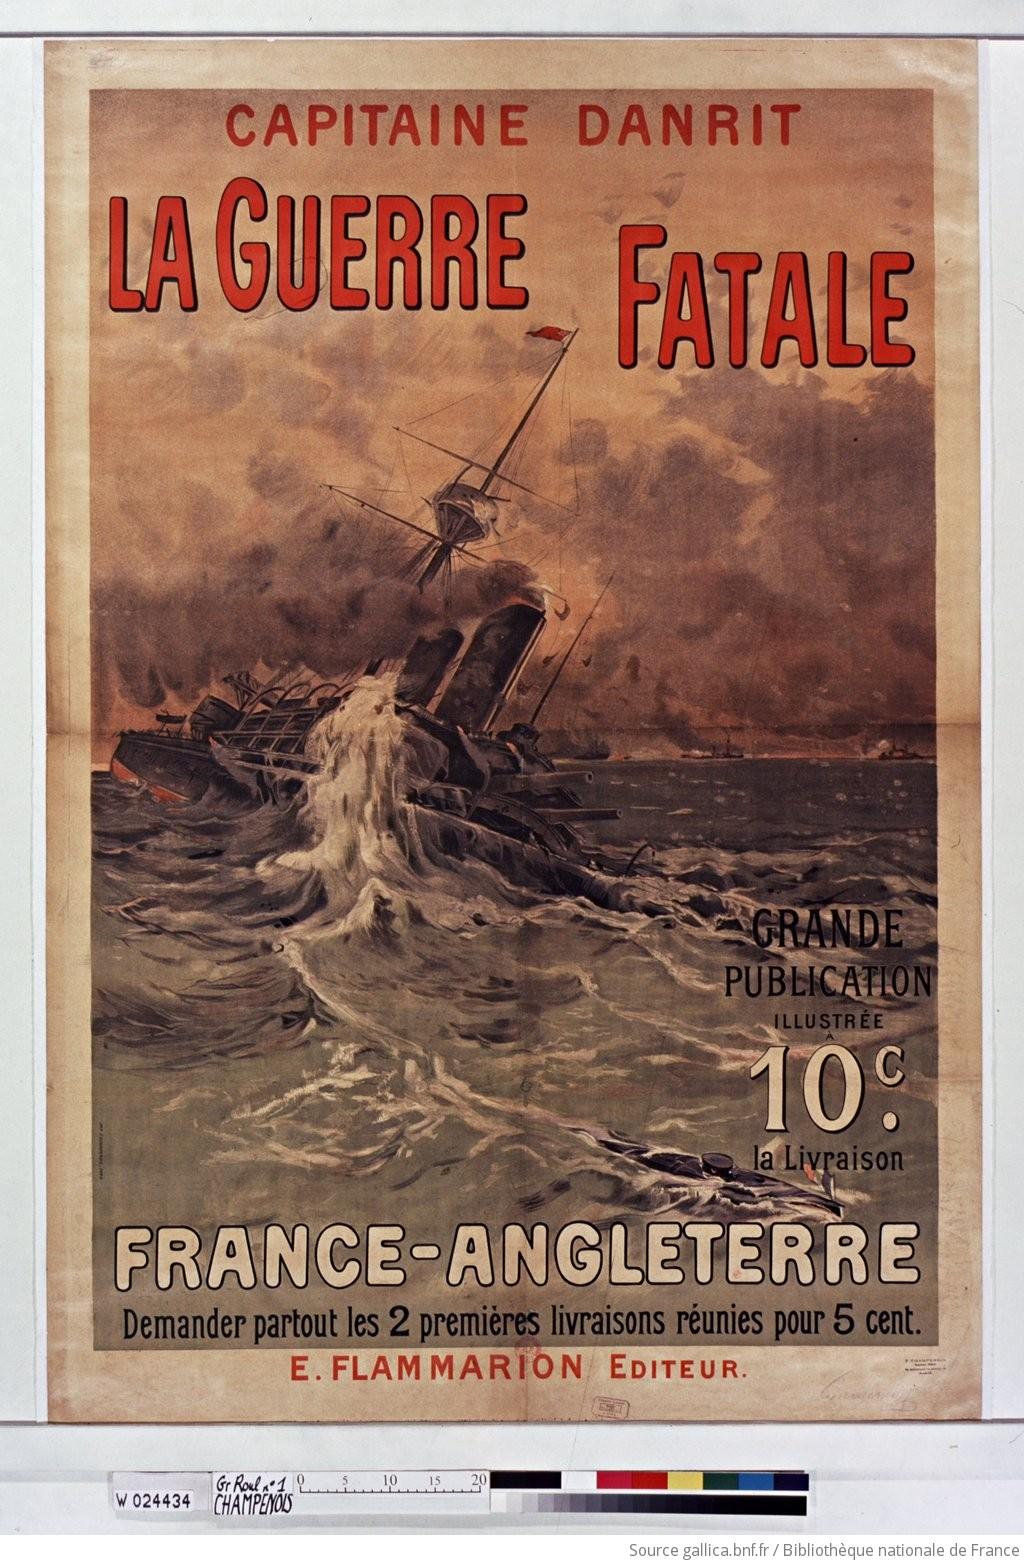 Capitaine Danrit. La Guerre fatale, grande publication illustrée à 10c... : [affiche] / [non identifié] - 1